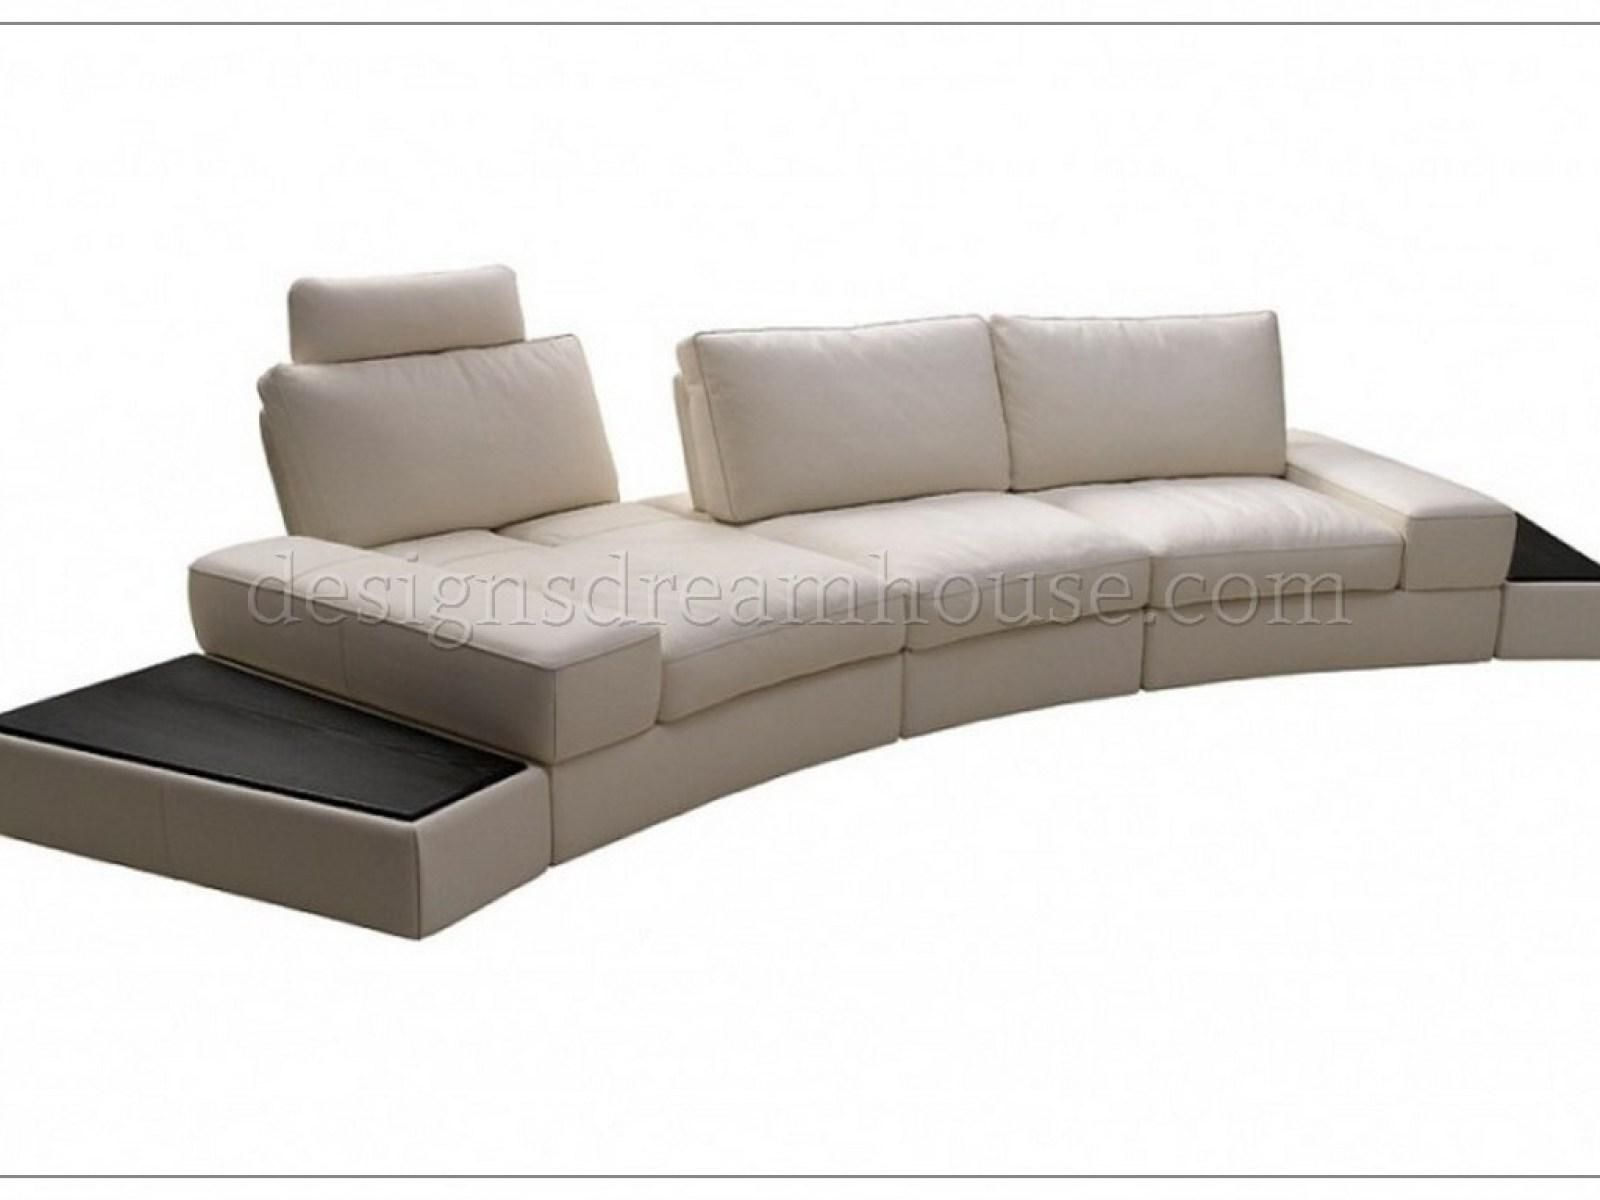 Inspirationen Modernen Sectional Sofas Für Kleine Räume Kommode Der Stil  Und Design Sollte Auswirkungen Auf Ihre